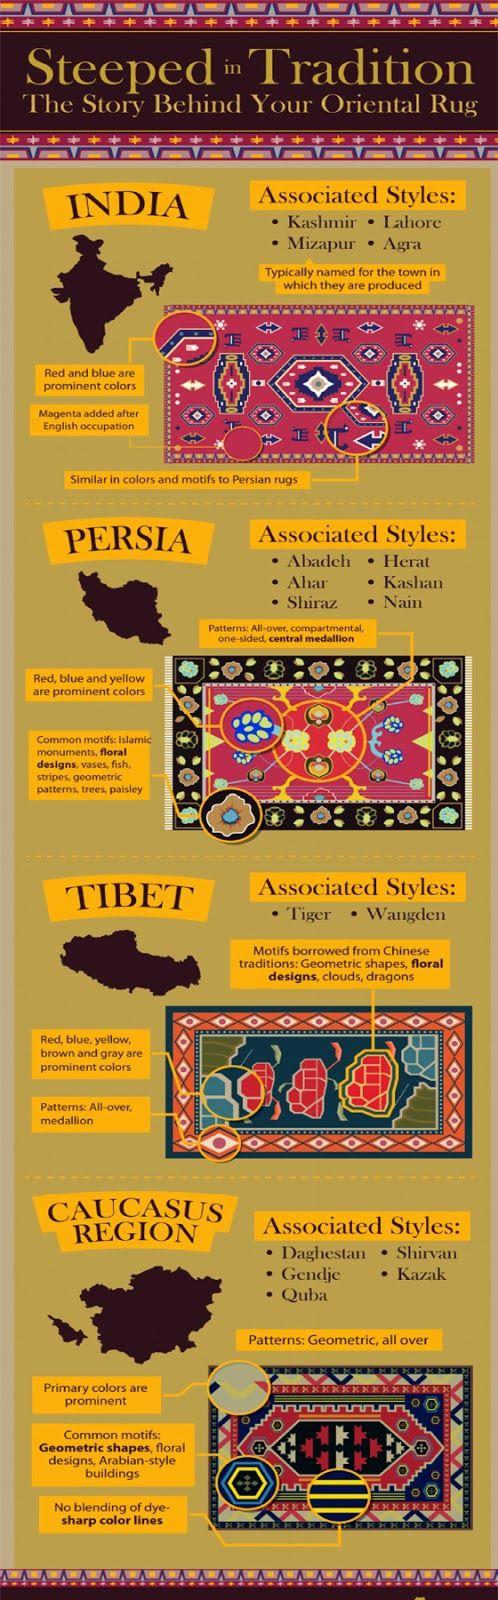 Oriental Rug Origins & Art History